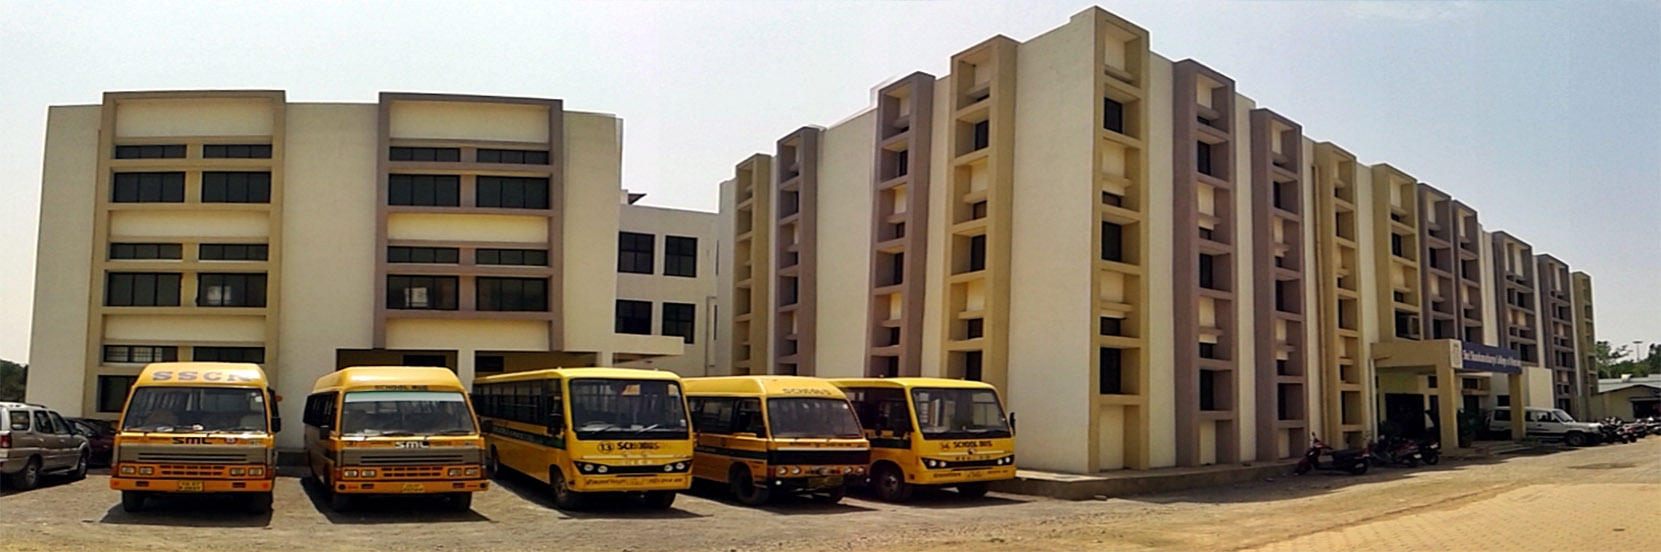 Shri Shankaracharya College Of Nursing Image